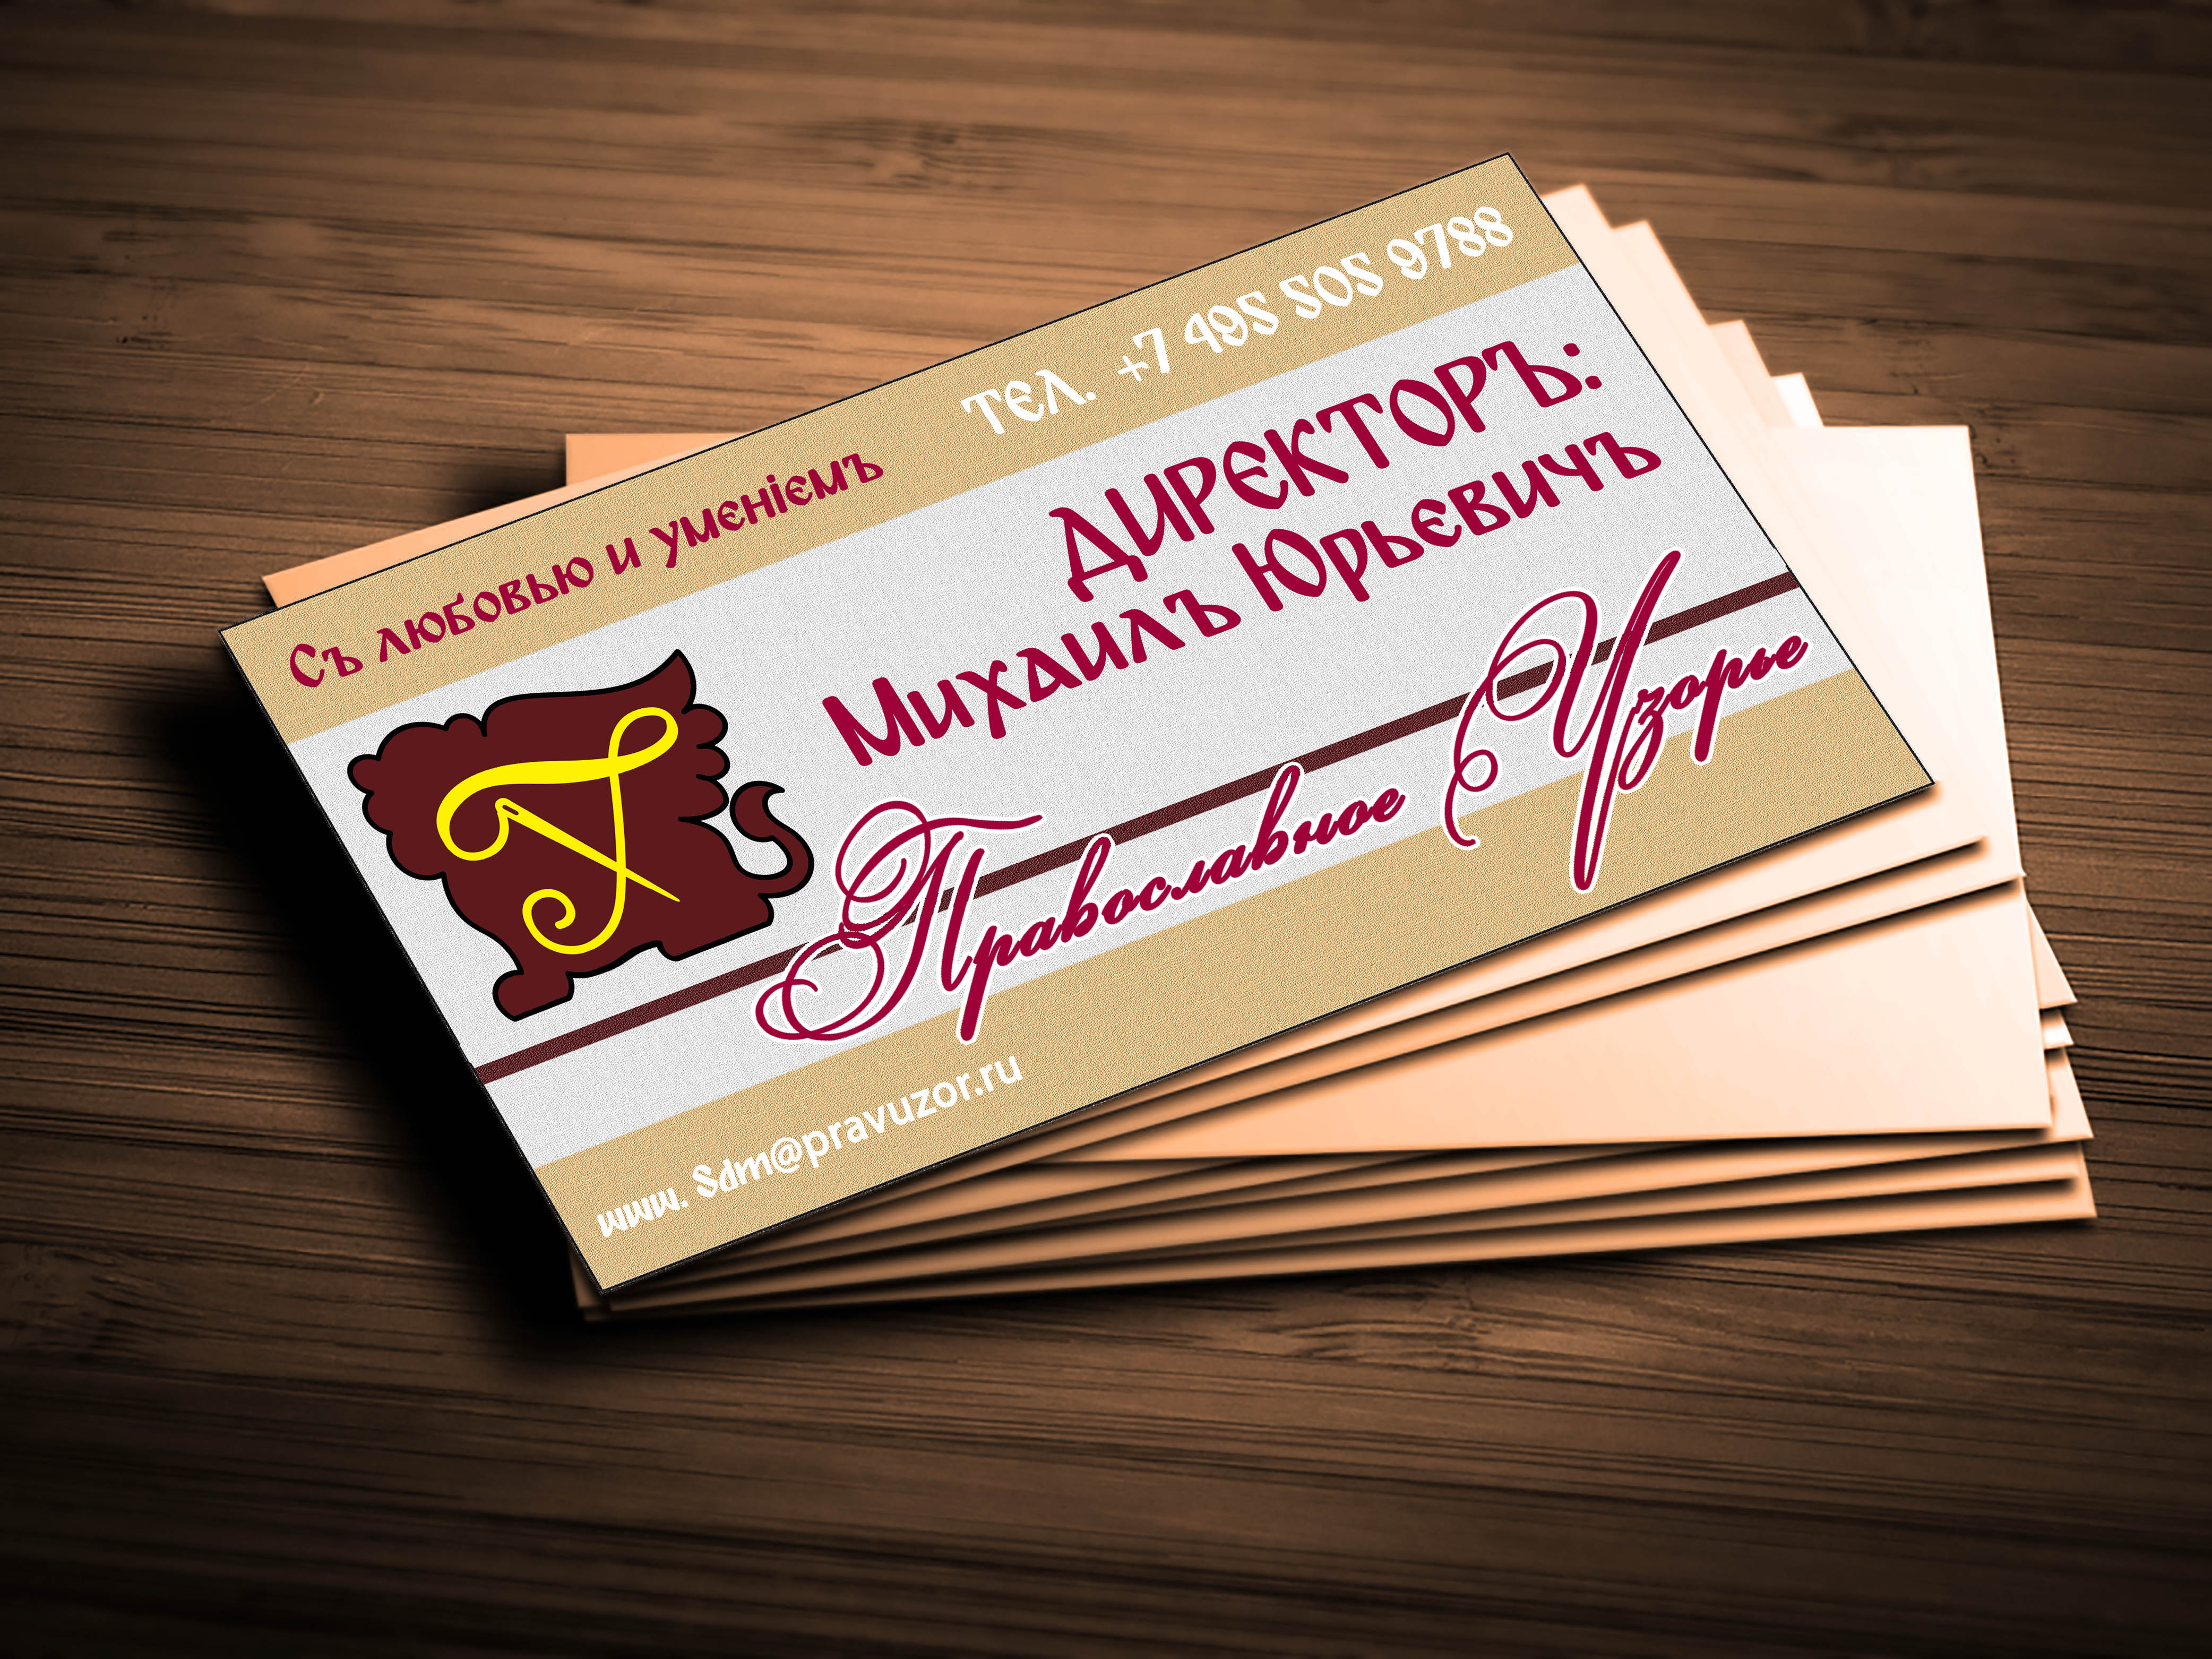 Логотип + визитка + сайт фото f_9755b0edb5f77cef.jpg